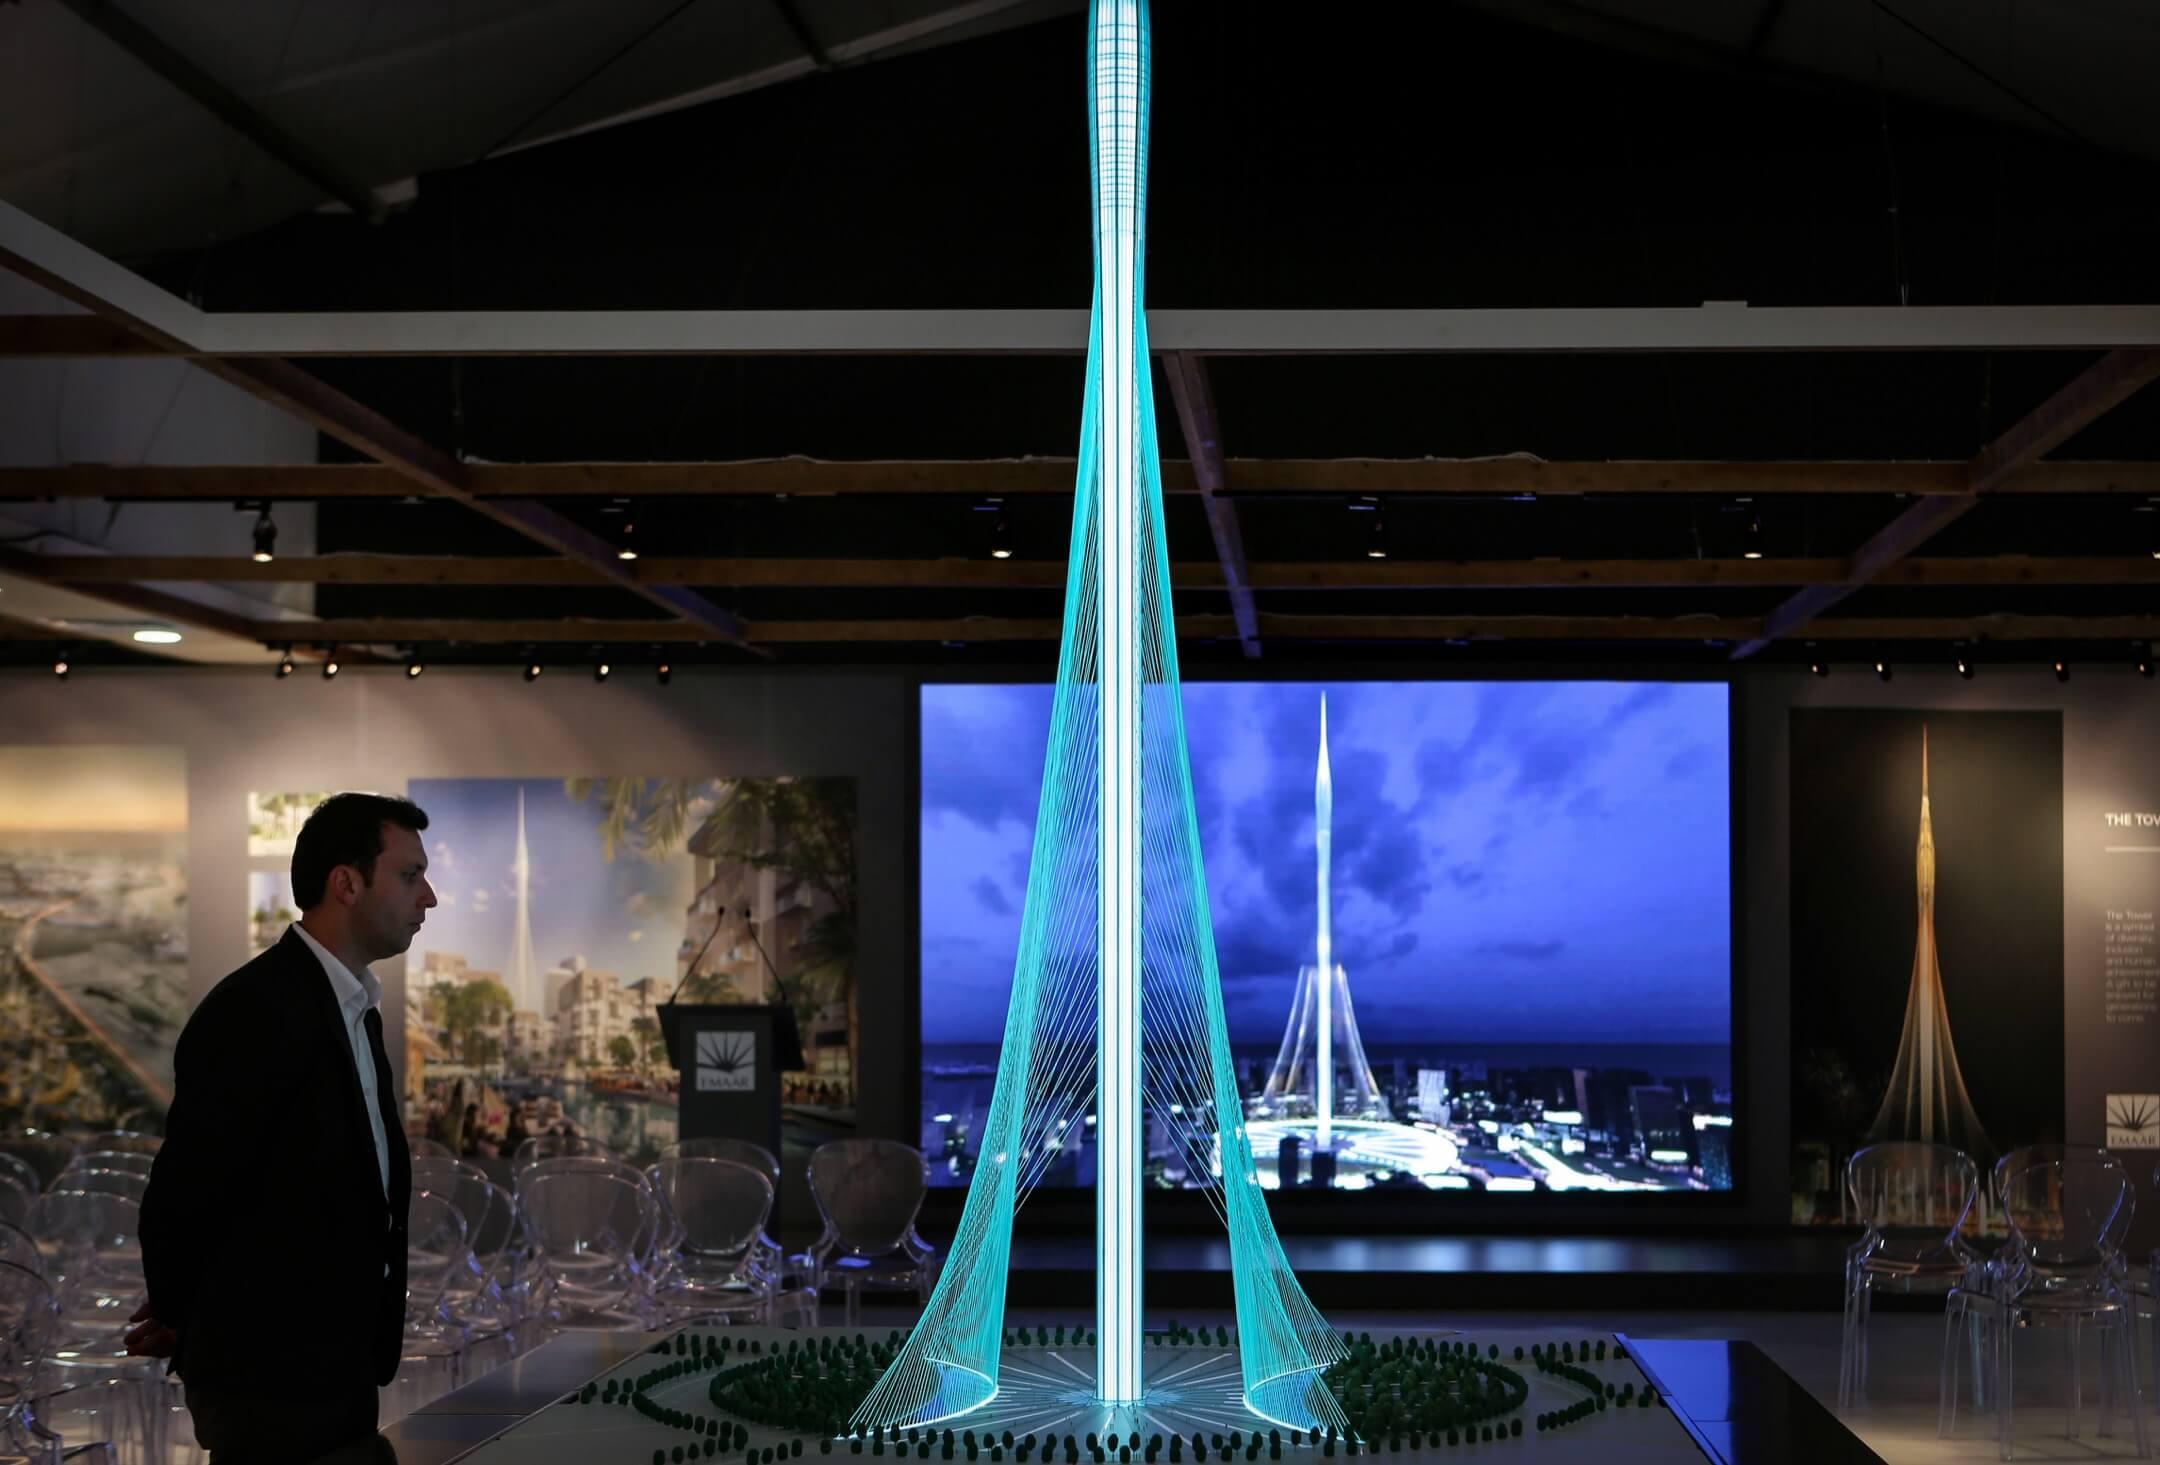 杜拜河港塔模型,預計於2020年落成。大樓設計高度原本為800米,後來增加至928米,再之後更估計為1,100米或更高,若屬實,落成後將會是全球最高的建築物。但發展商伊瑪爾地產一直拒絕在大樓竣工前公開大樓的實際高度,以免被同樣是興建中的摩天大廈項目打破紀錄。 攝:Kamran Jebreili/AP